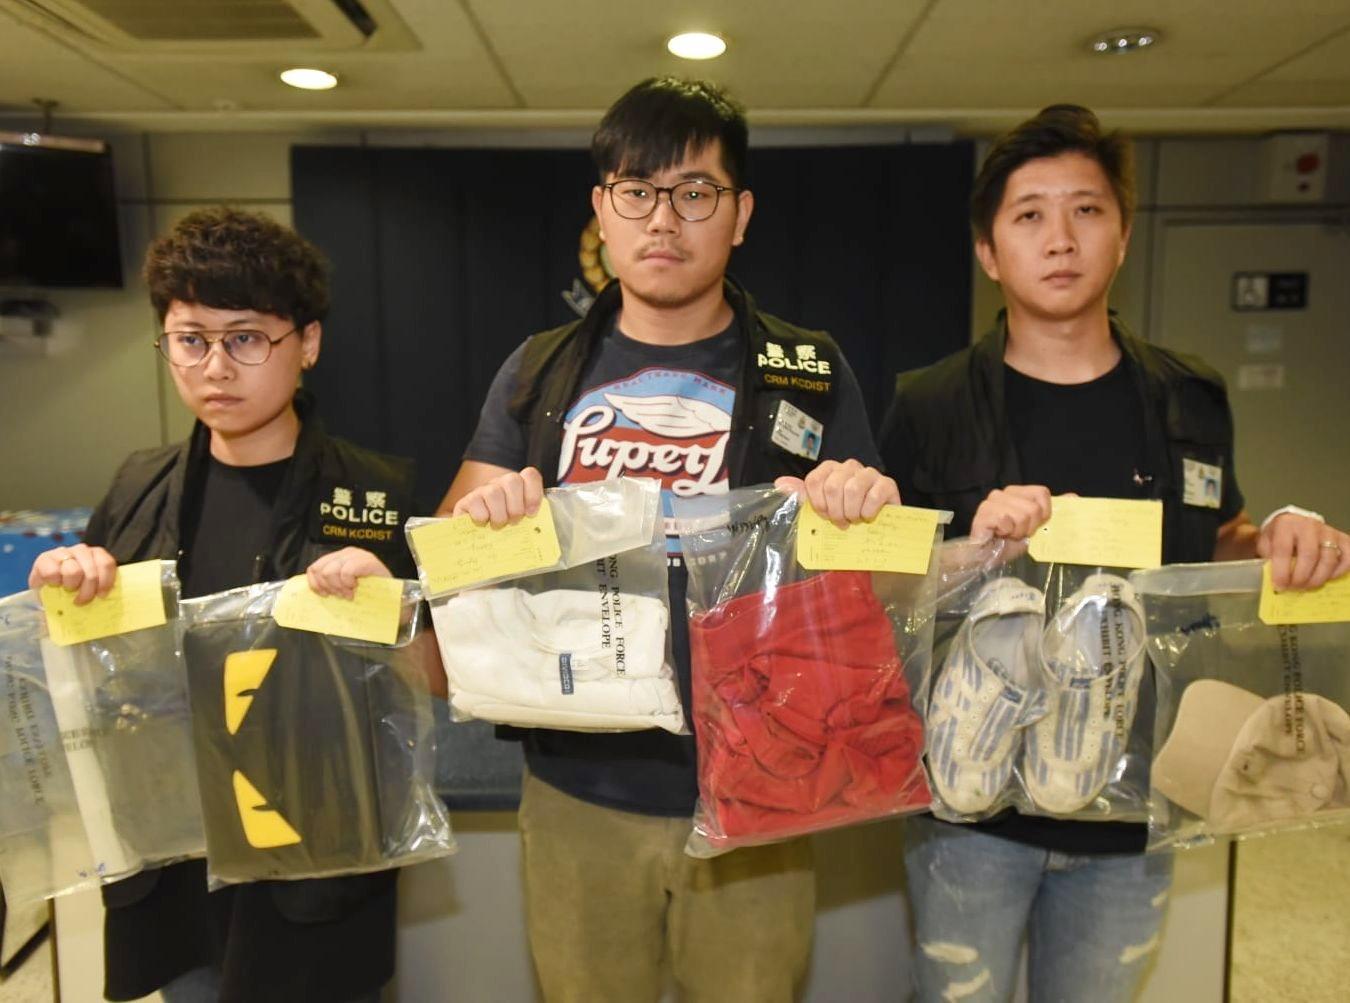 警方拘捕3名南亞裔男子,涉嫌與近期5宗劫案及盜竊案有關。